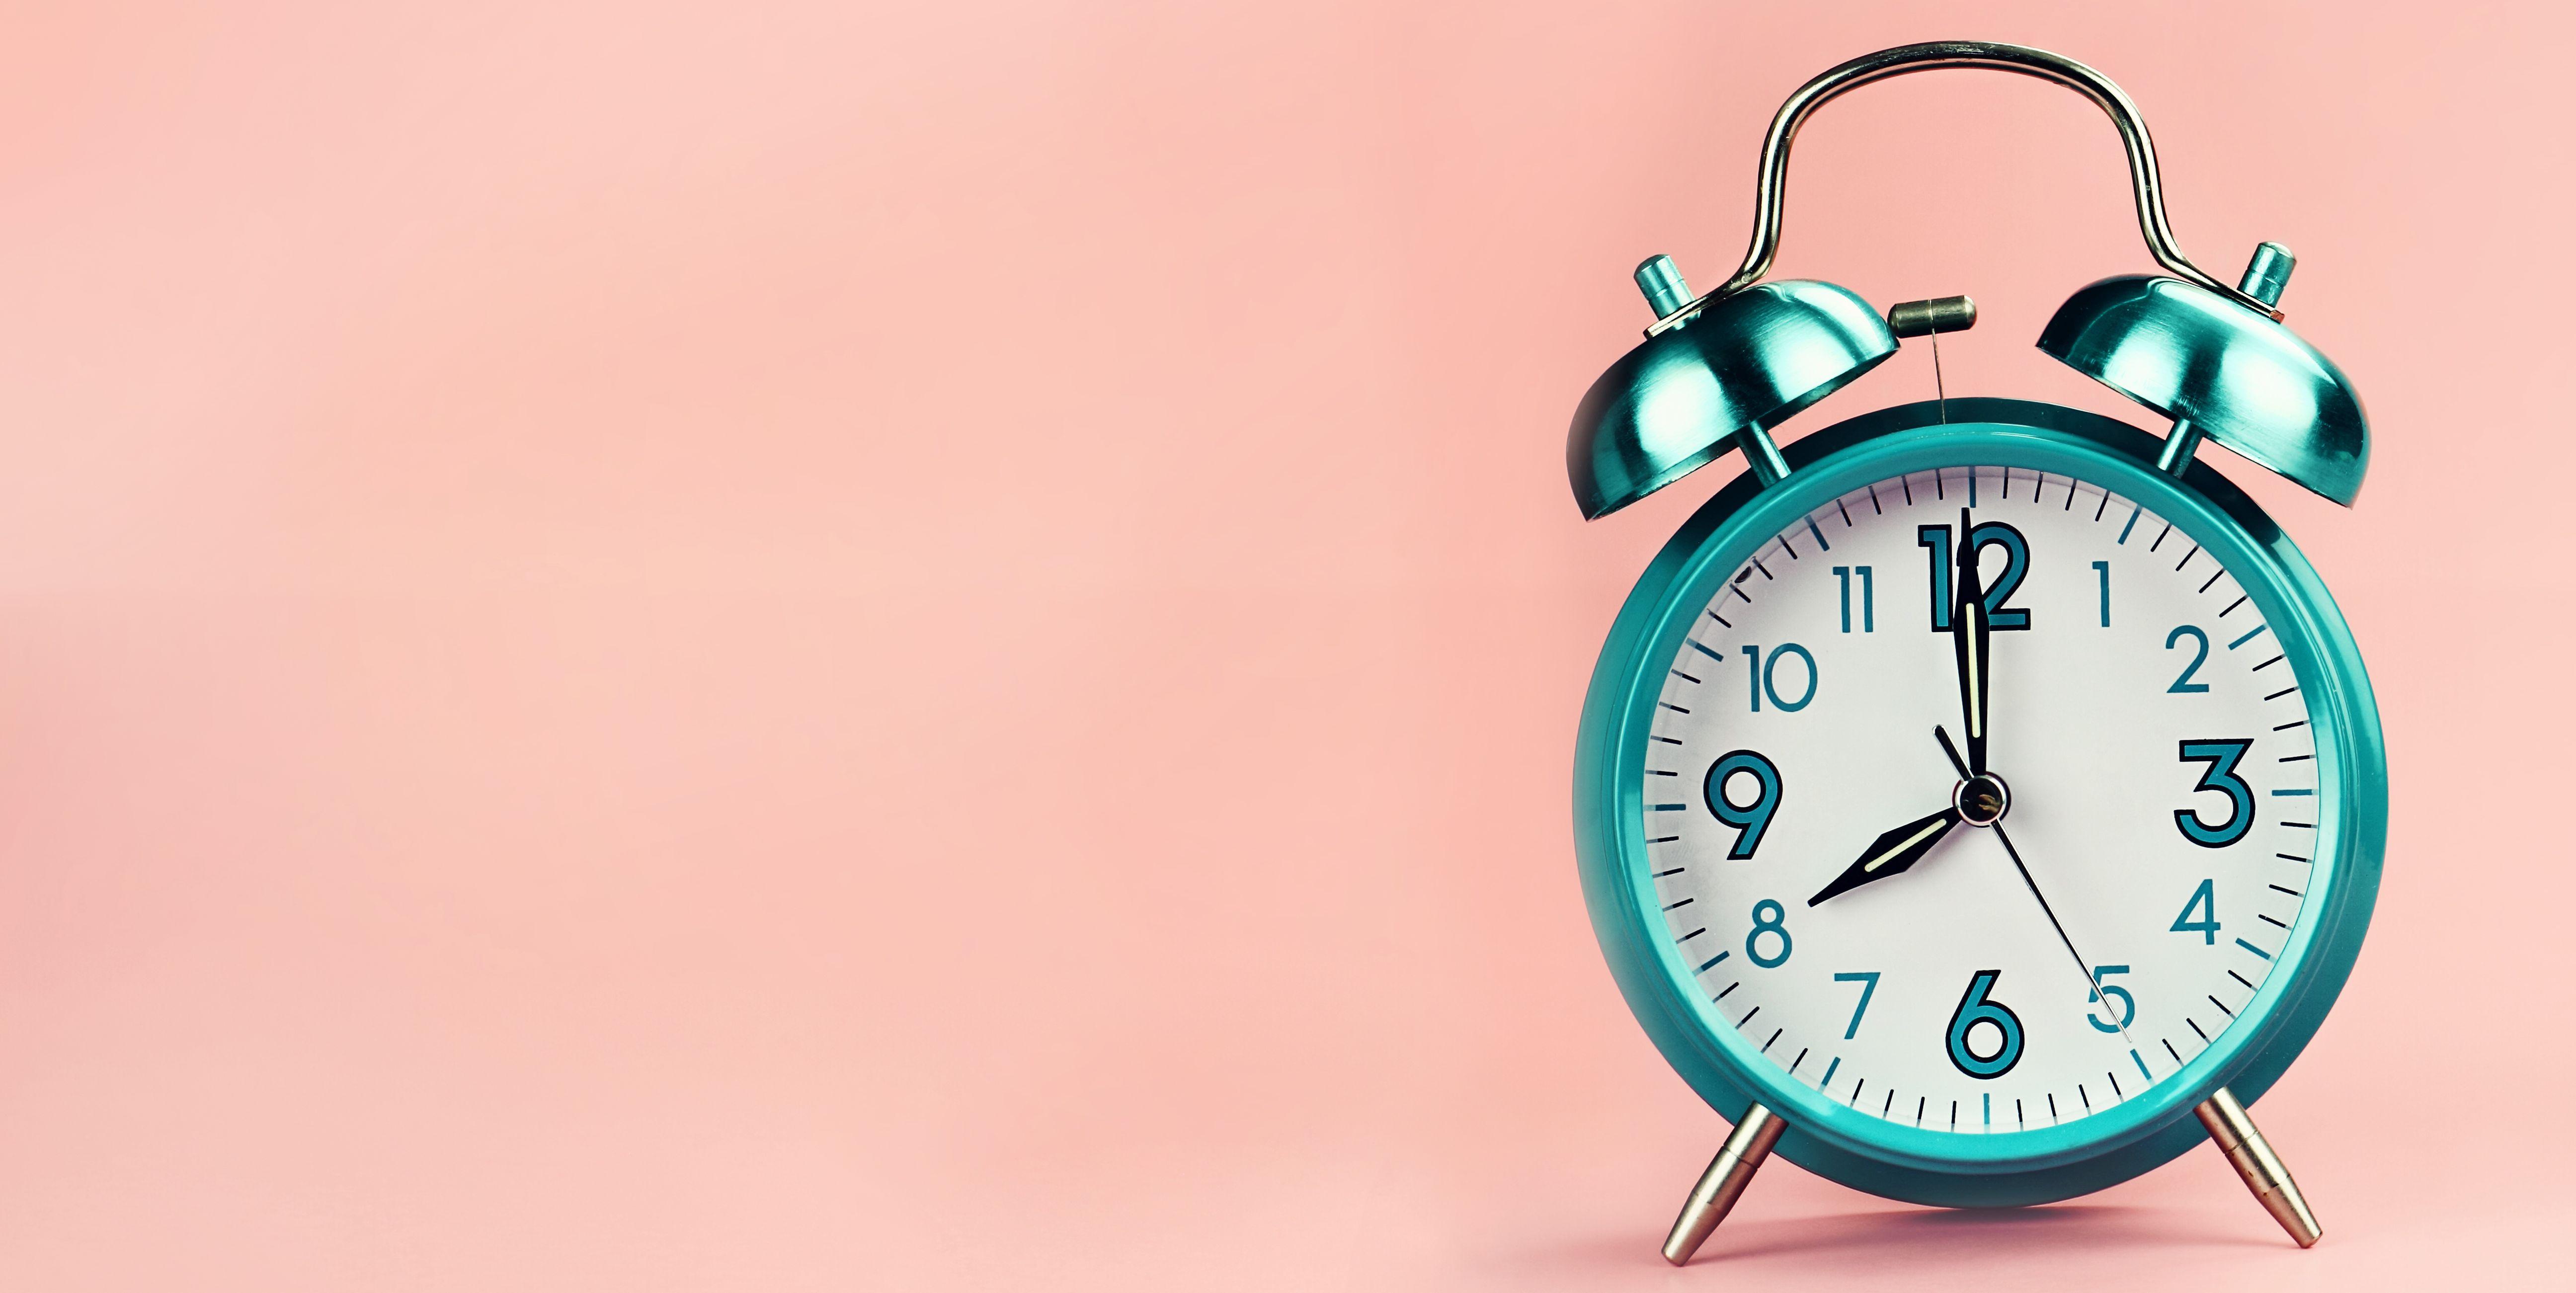 Vintage Retro Alarm Clock